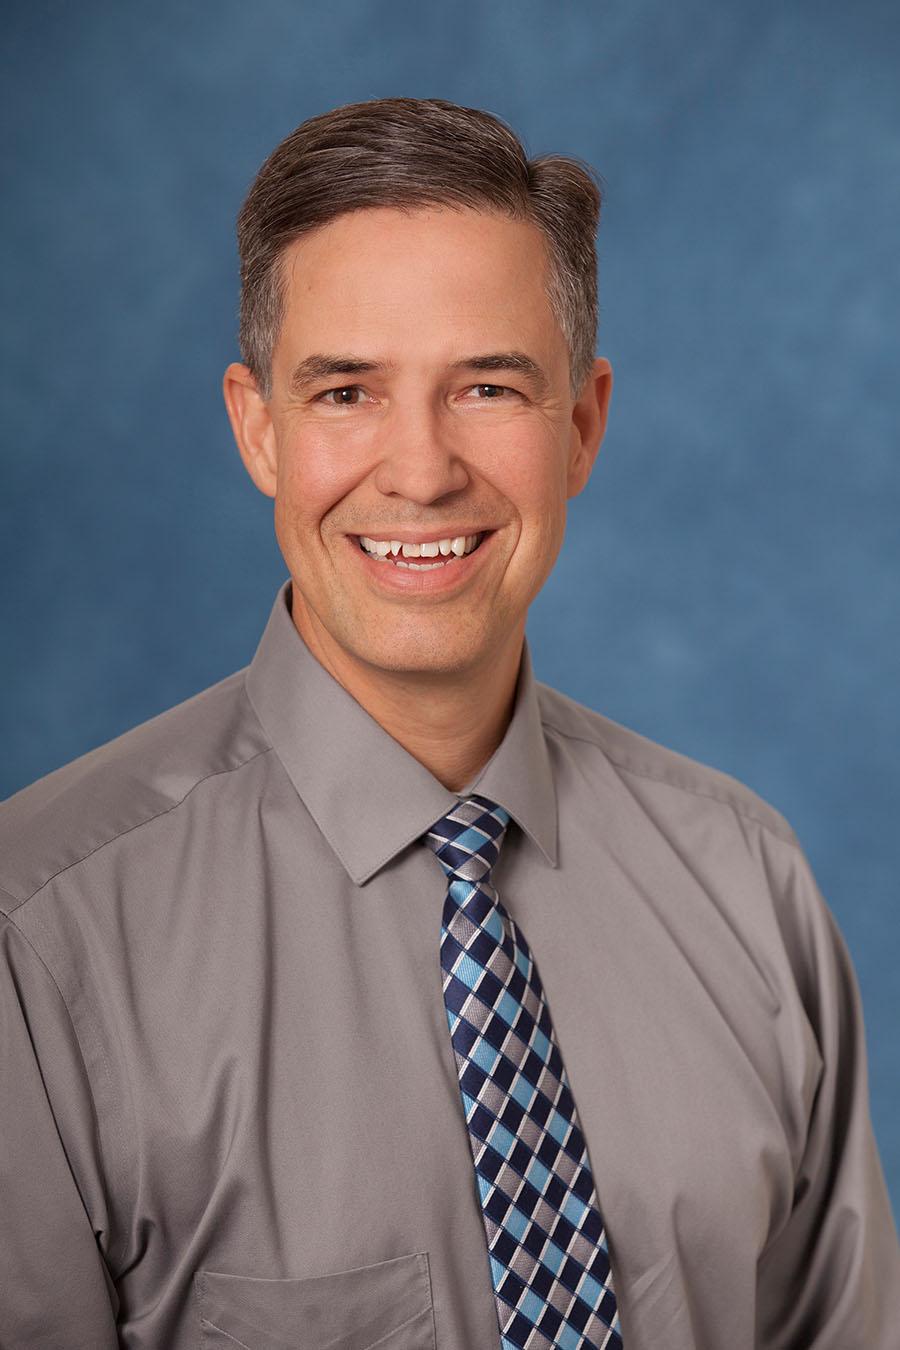 Todd Schnabel